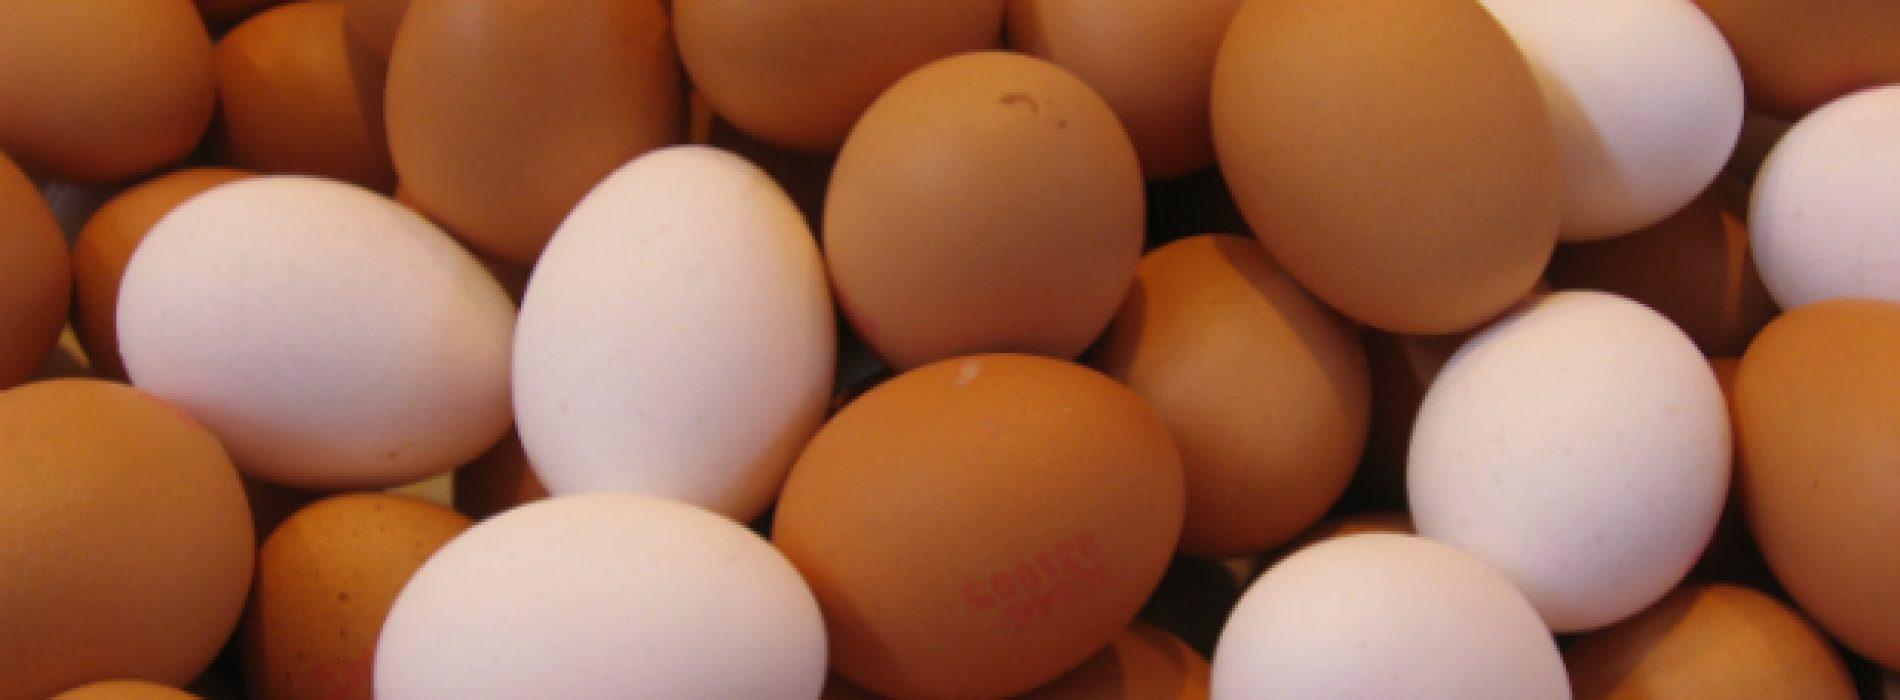 Artigos do Lidl passam a ser confeccionados com ovos de solo